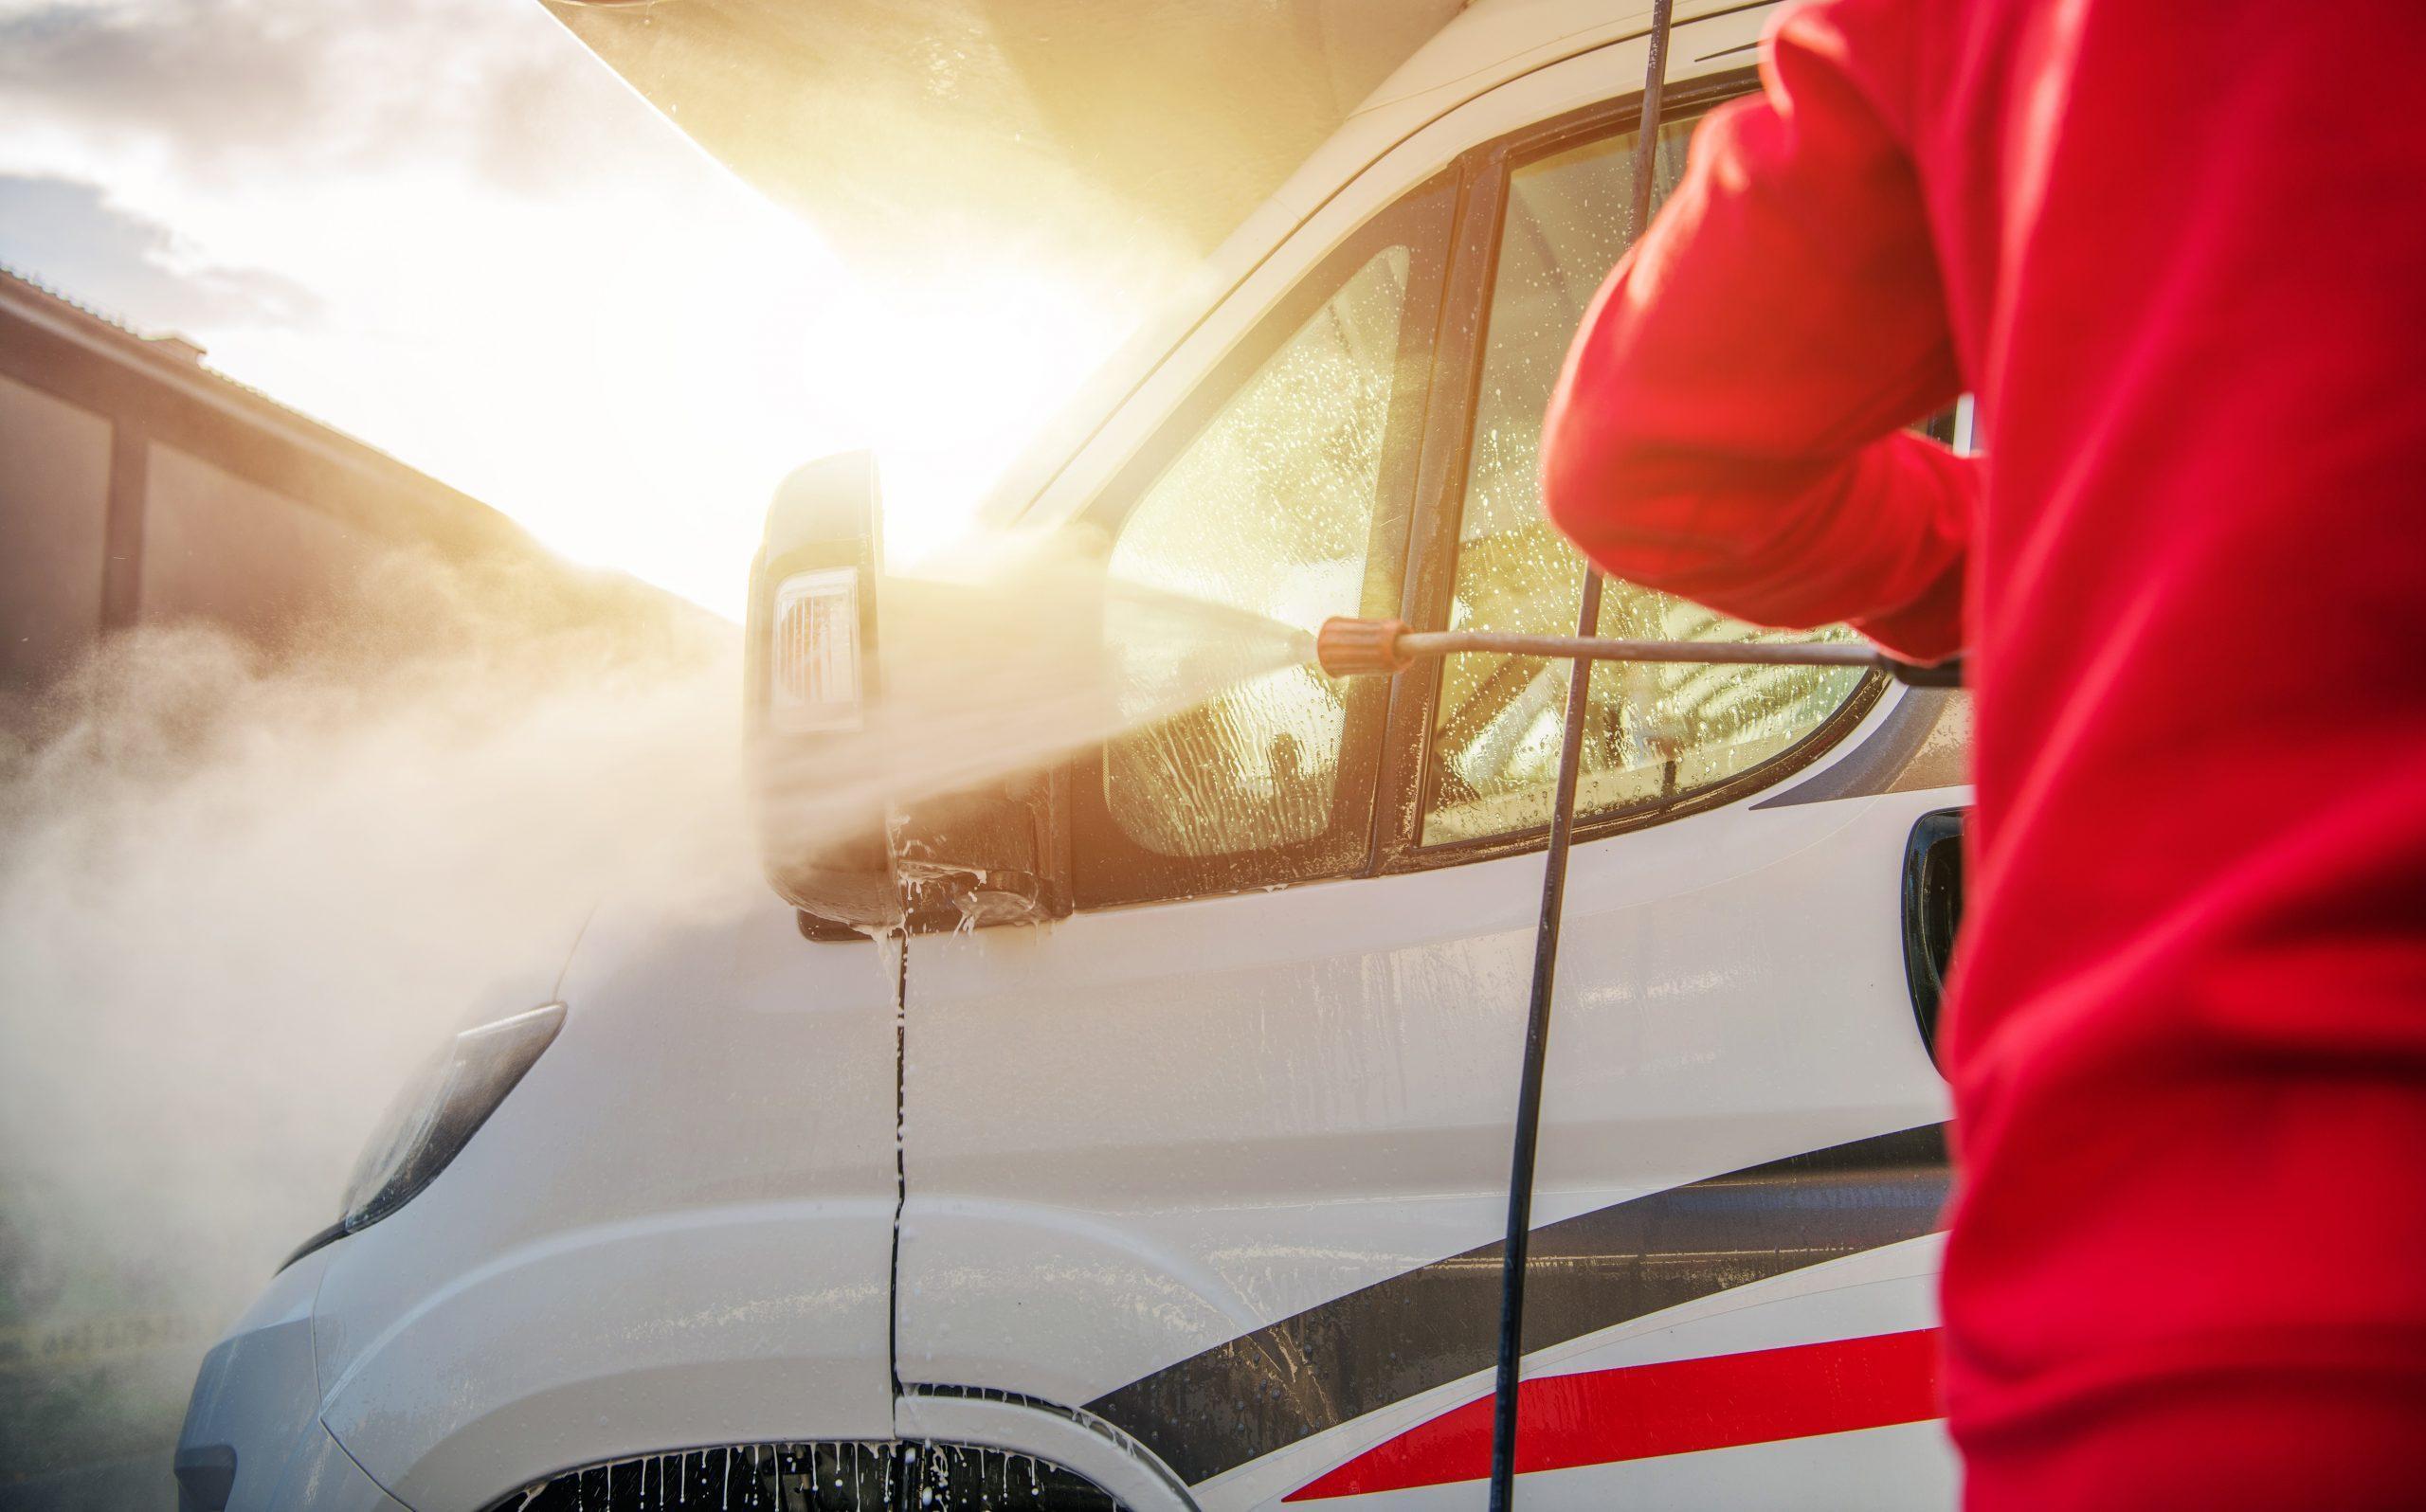 Dein Campingfahrzeug richtig einwintern – Tipps für die Winterpause